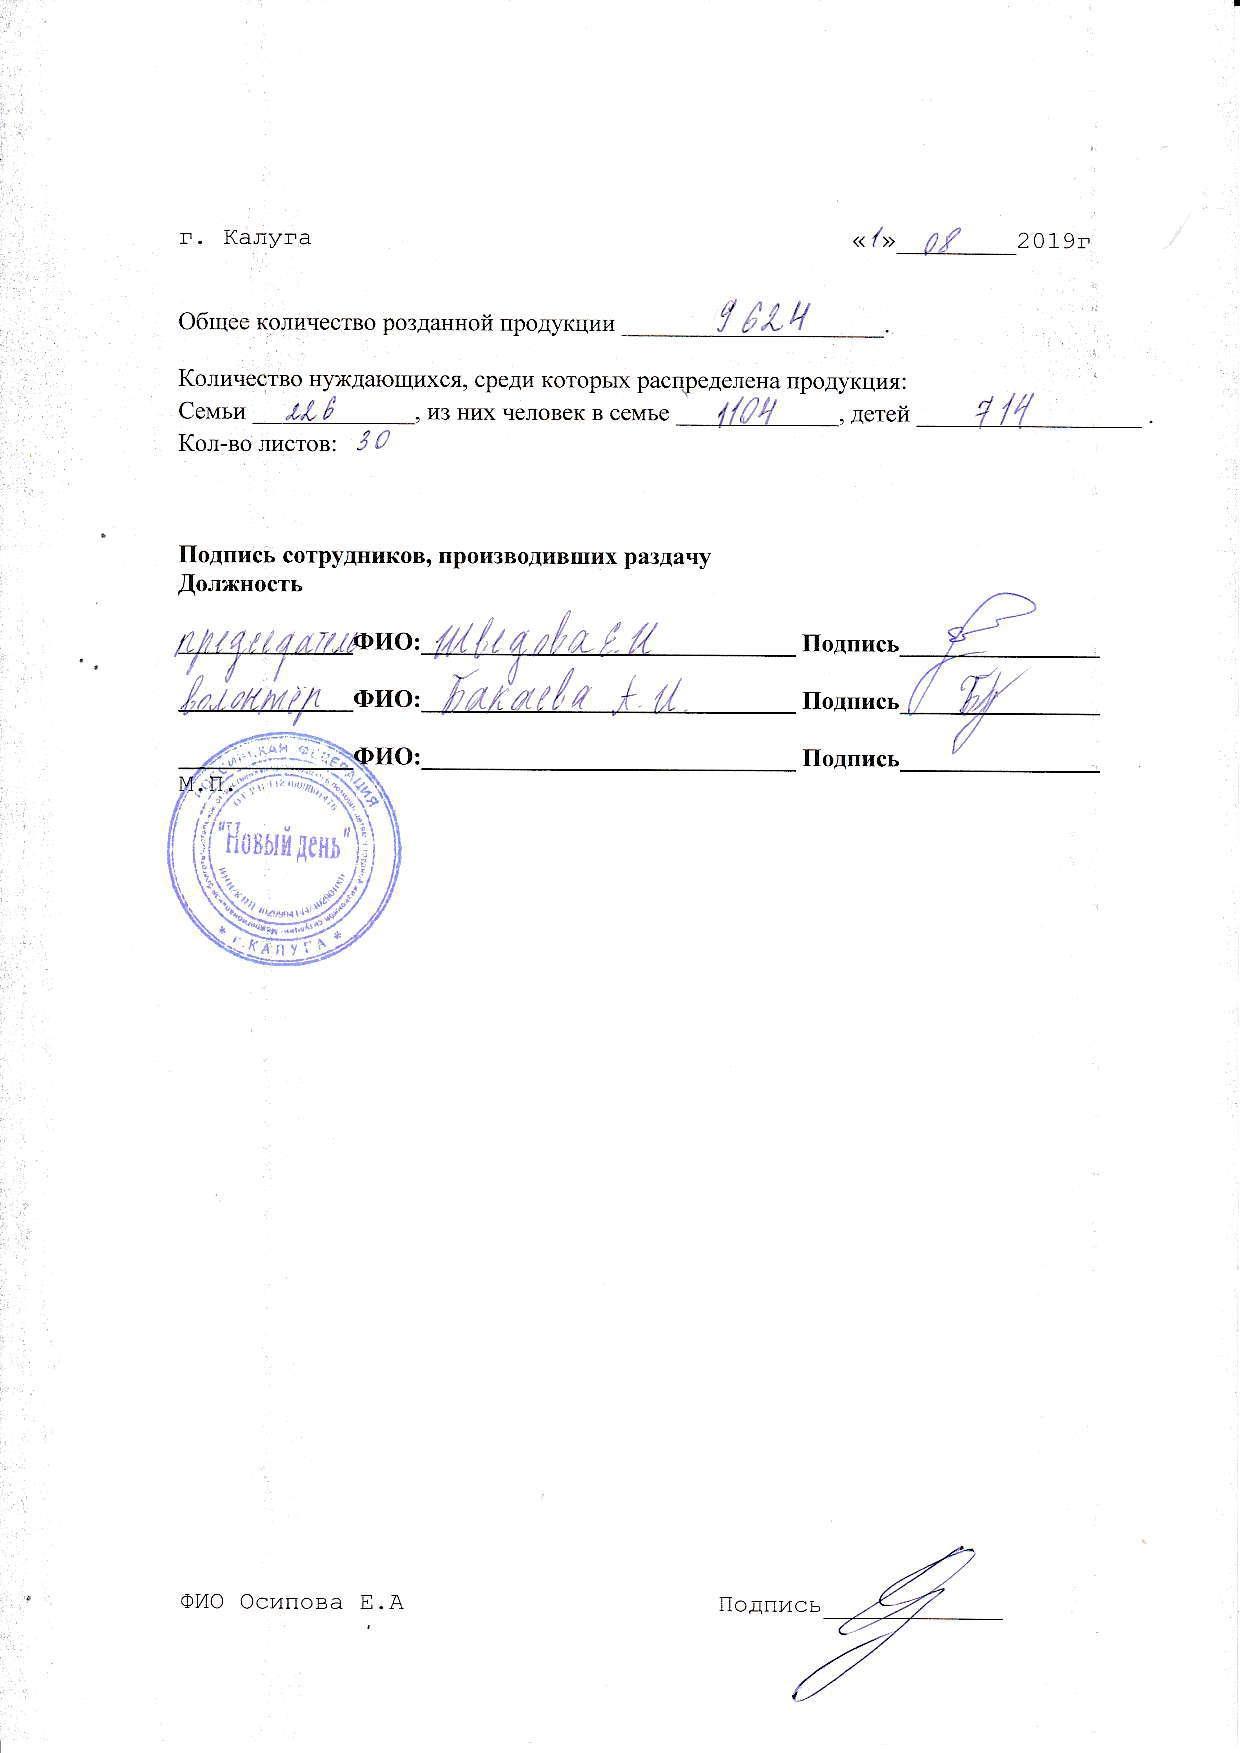 Фруттис кол-во 01.08.2019